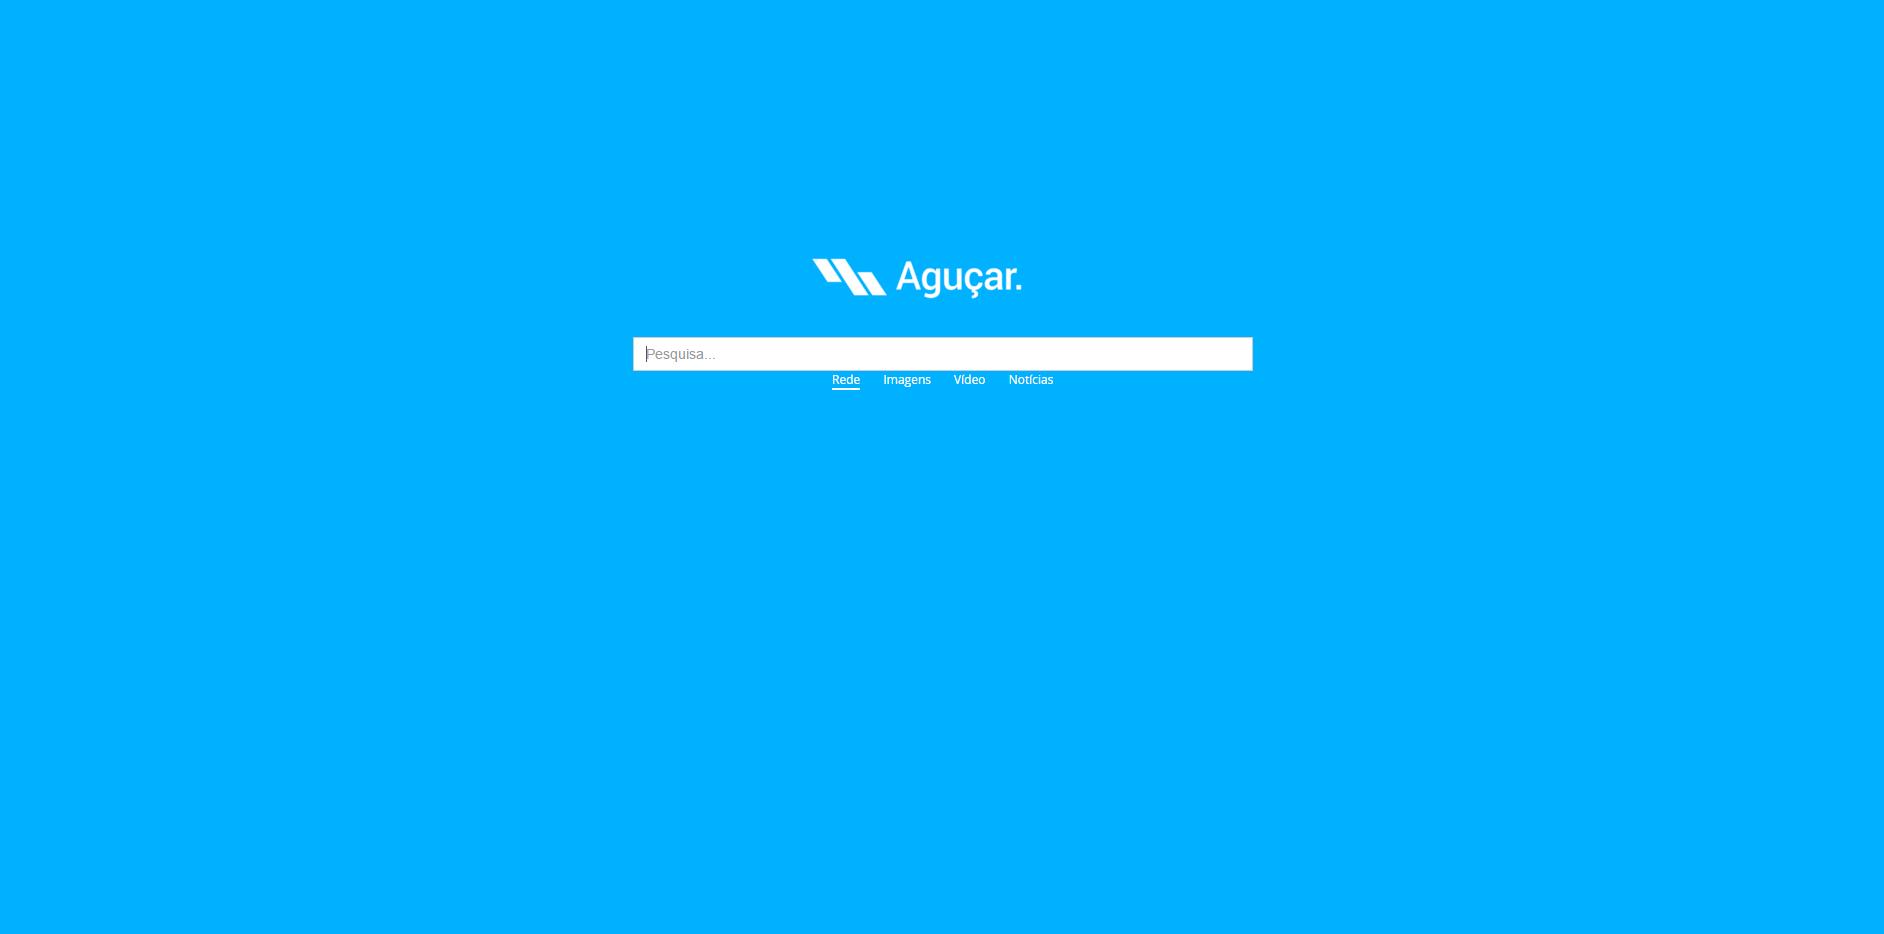 AguCar.com Ads